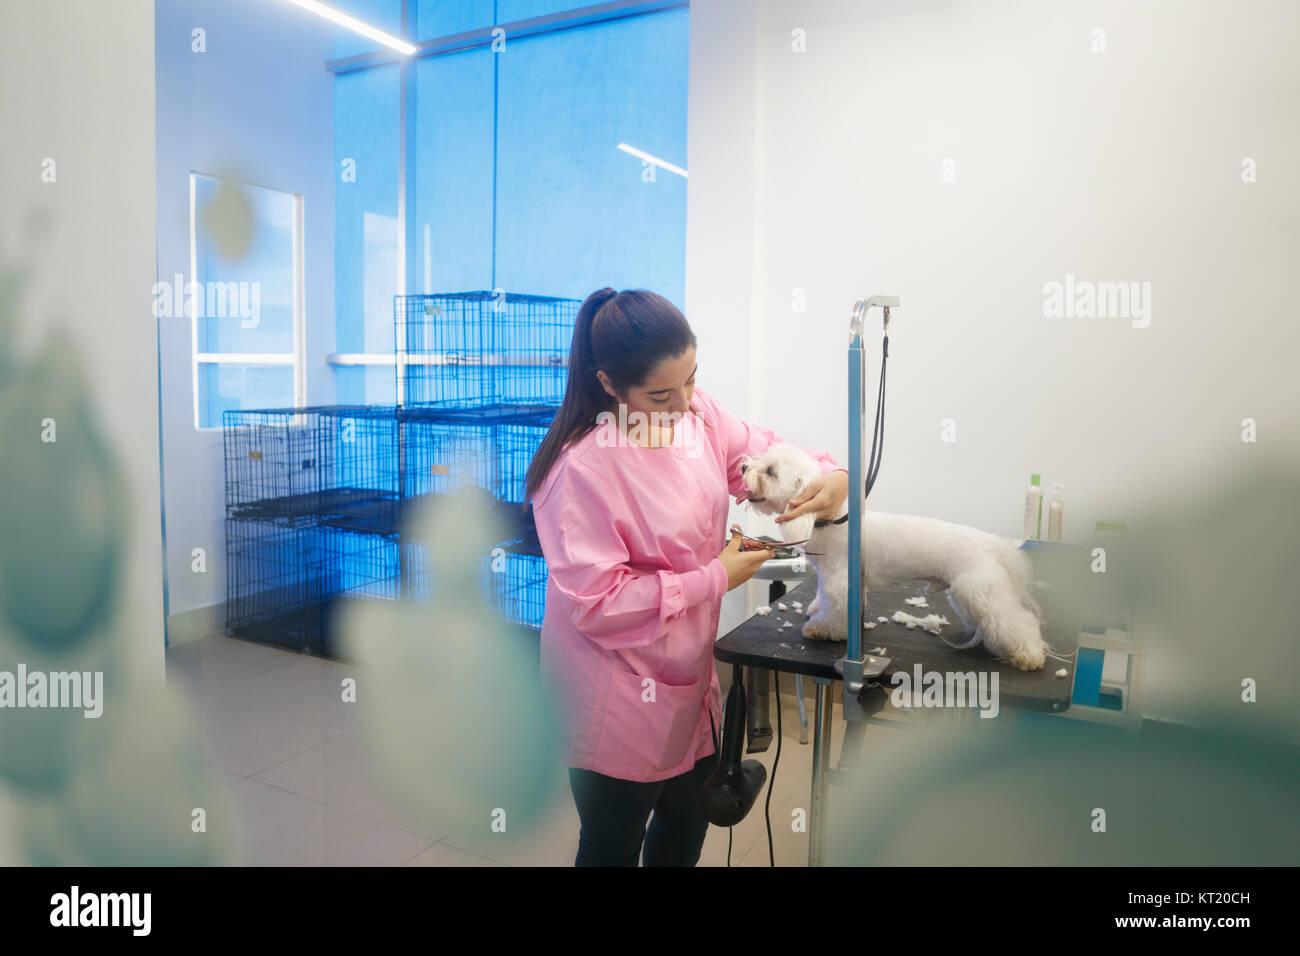 Junge Frau in Pet Shop arbeiten, trimmen Hund Haare, Mädchen Pflege Welpen für Schönheit in speichern. Stockbild